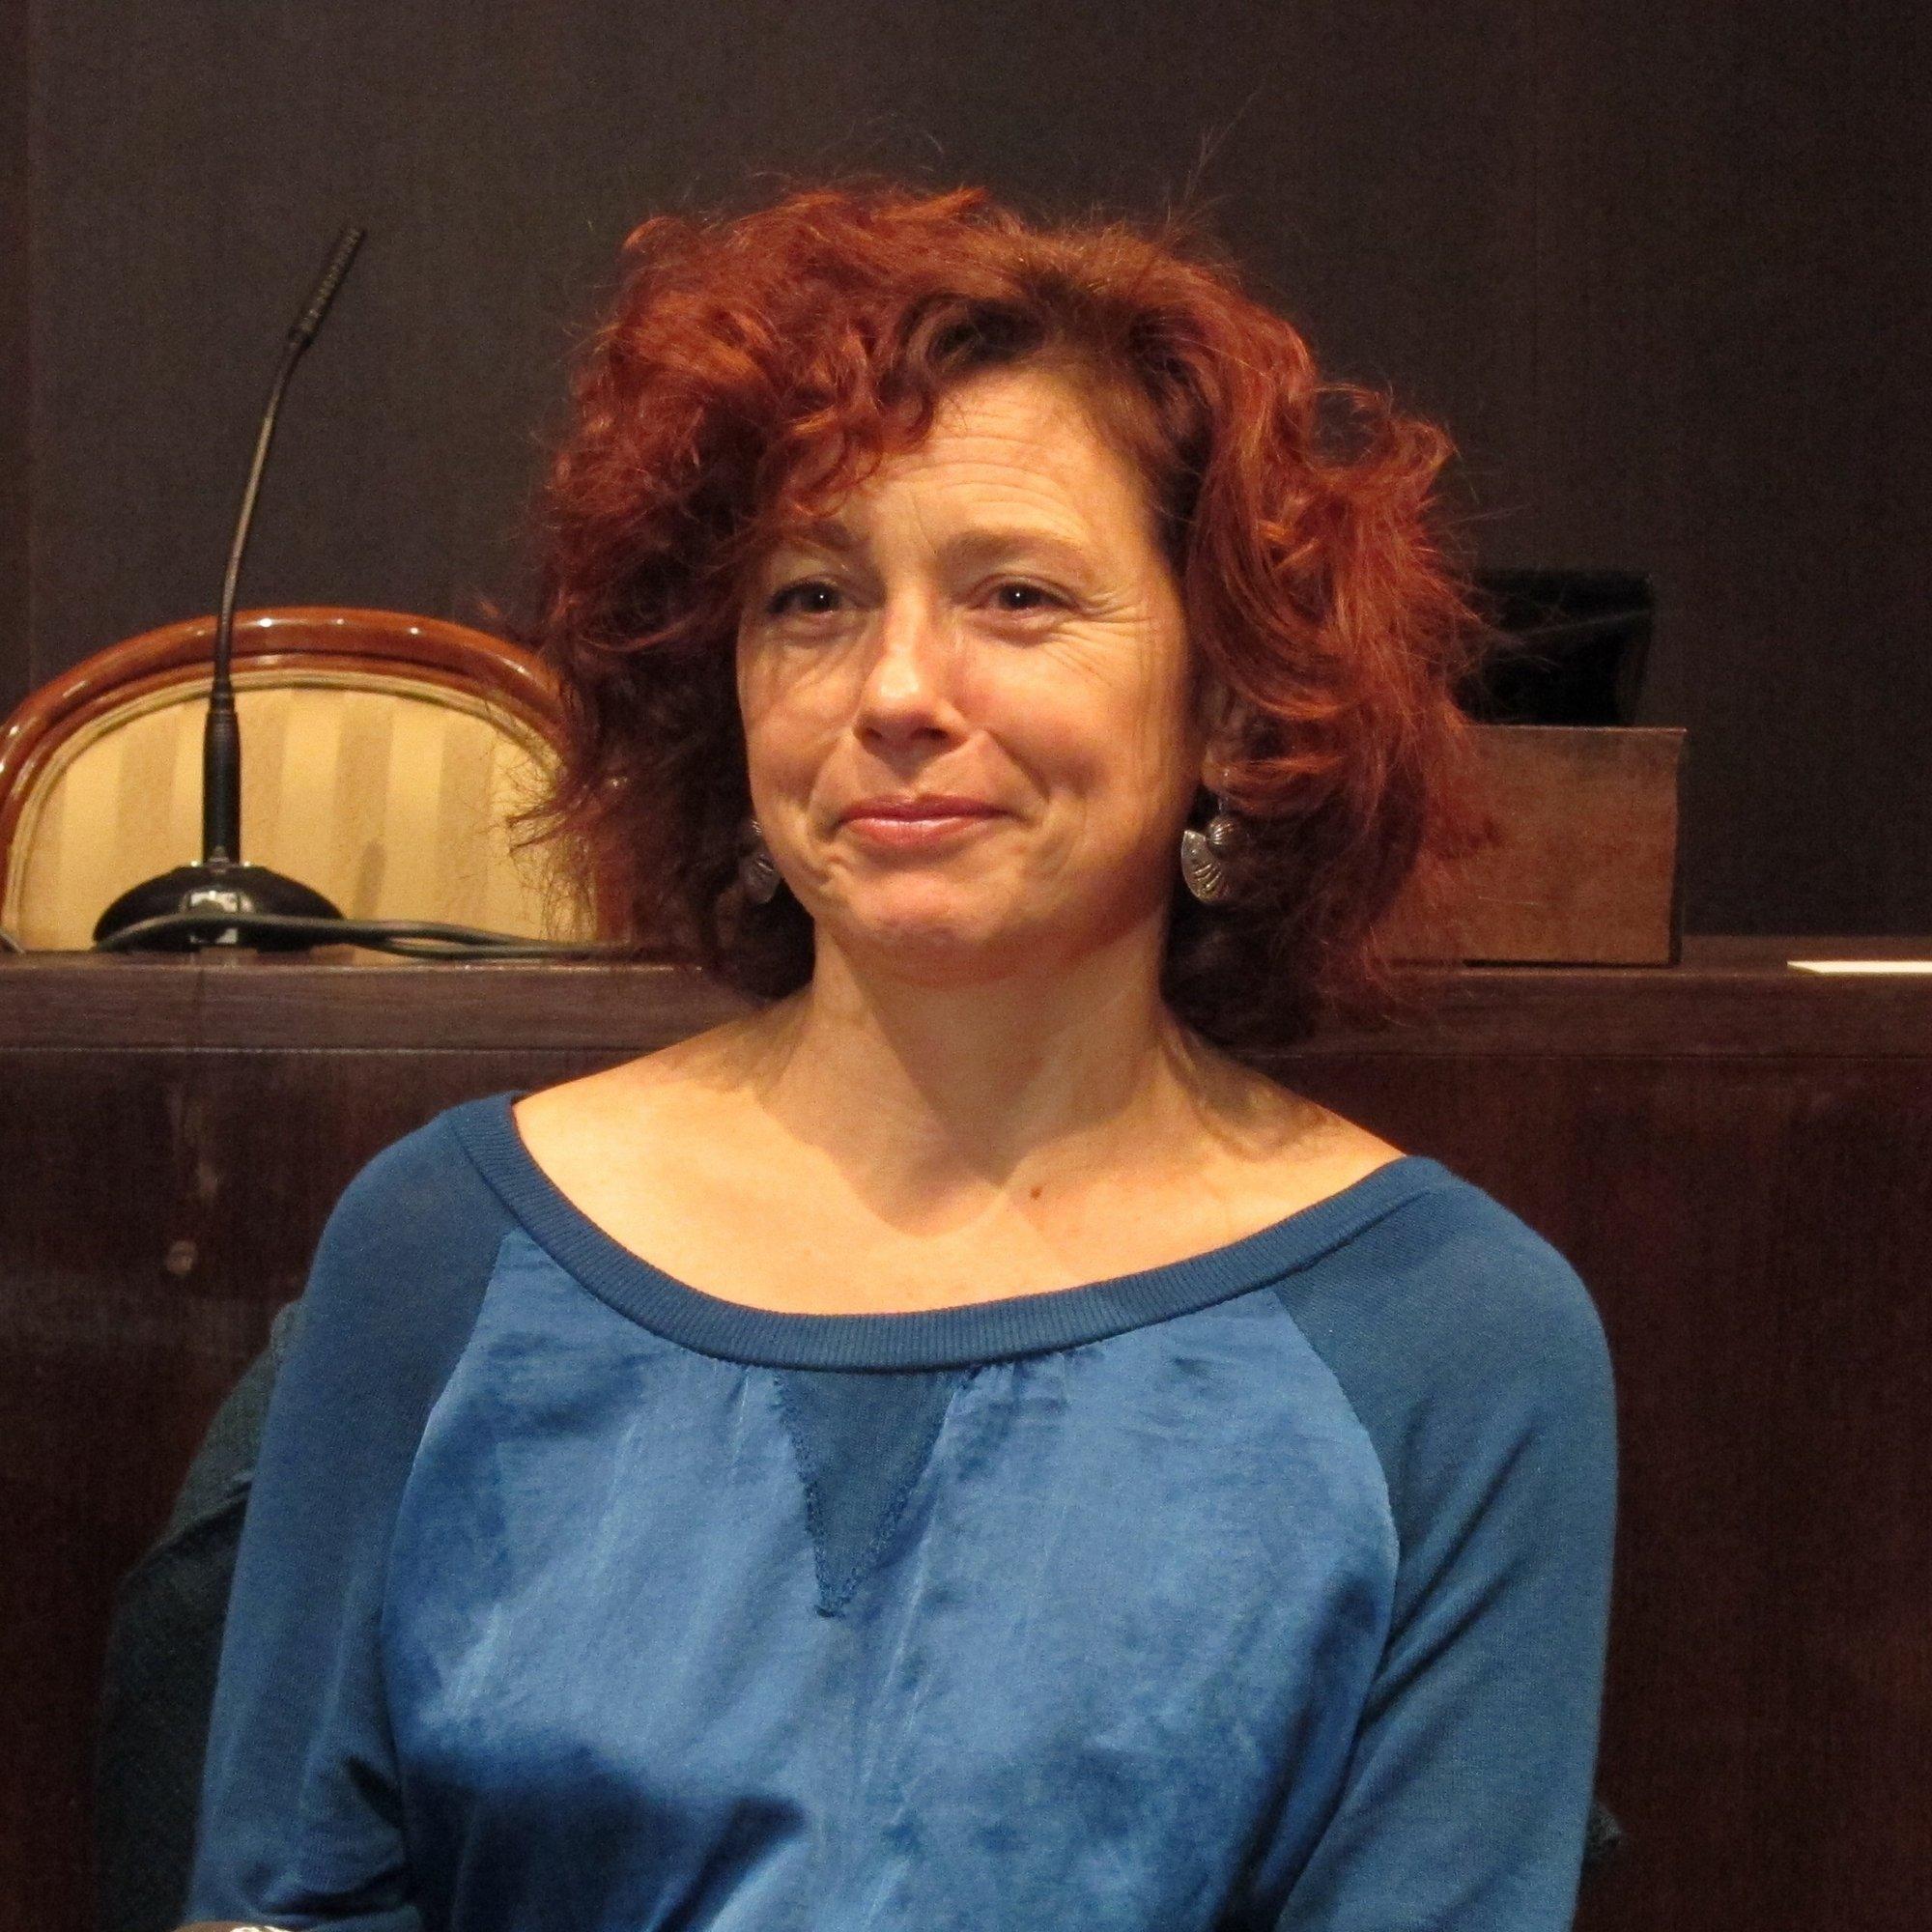 La directora Icíar Bollaín es distinguida con el Premio Ciudad de Huesca 2012